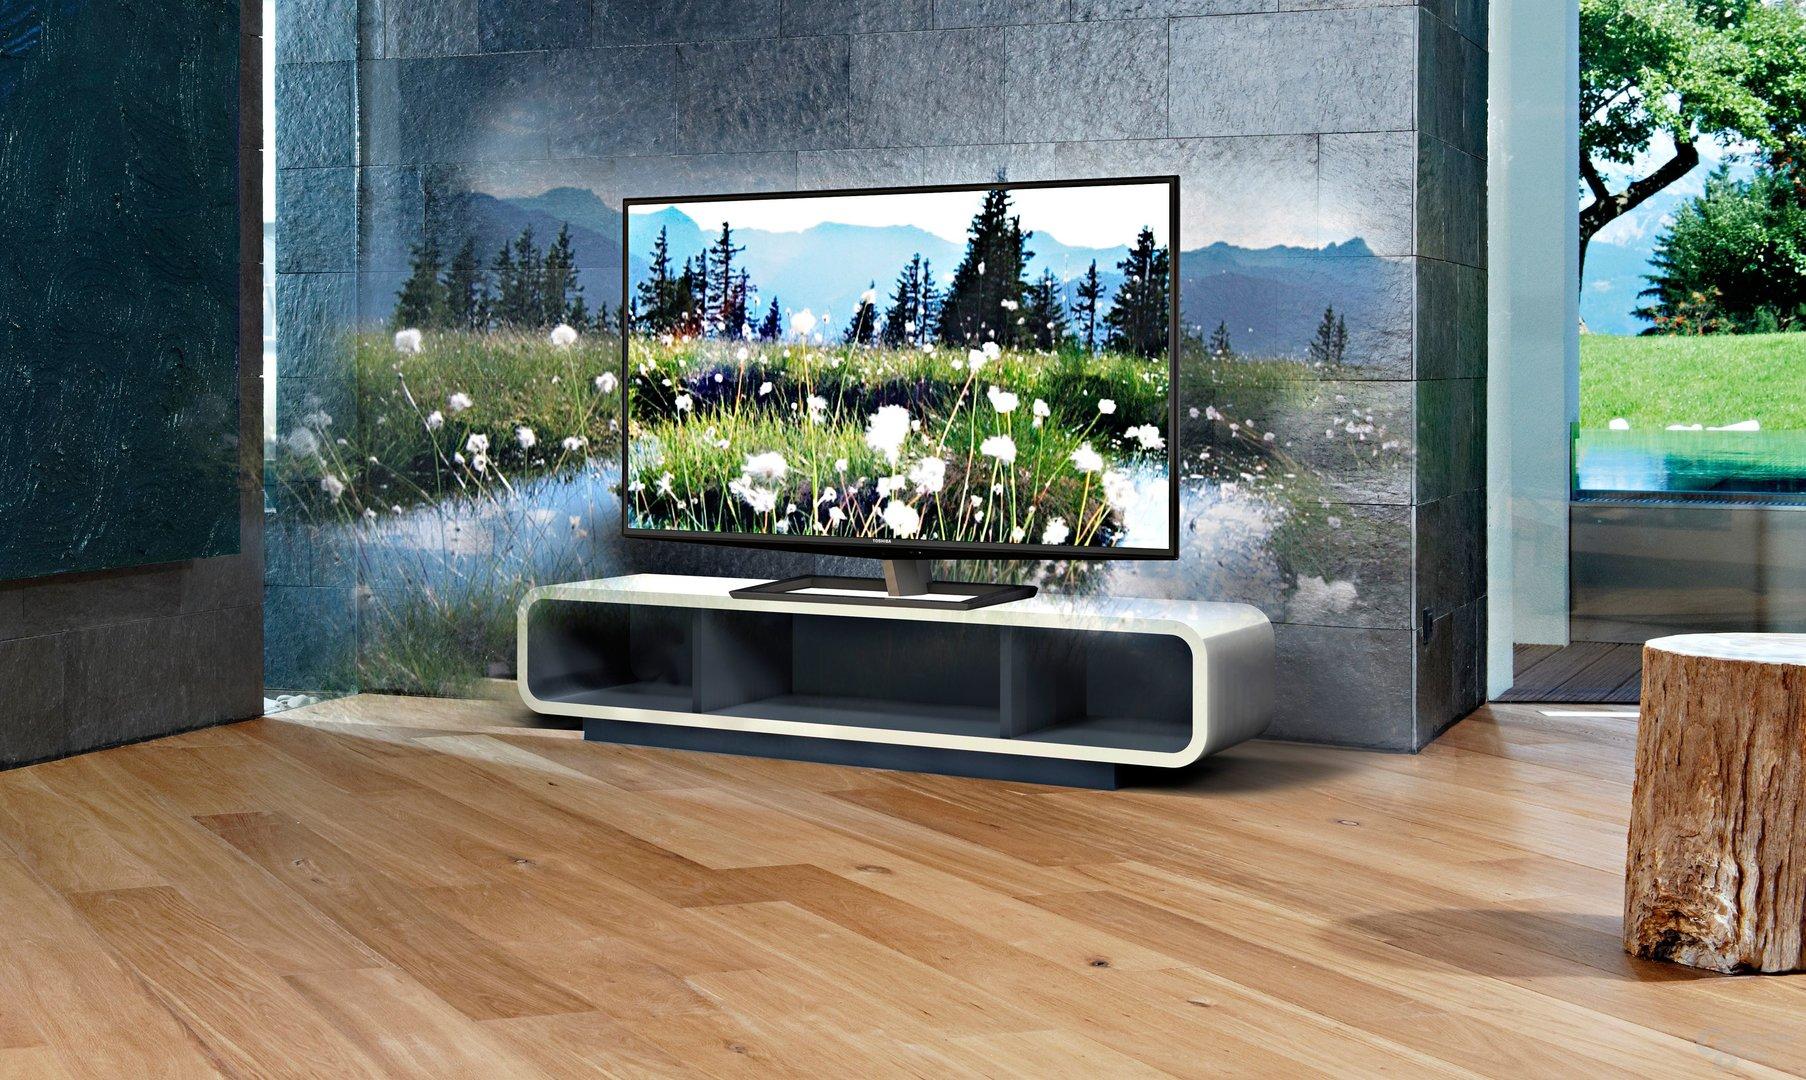 Produktfotos von Toshiba des 55ZL2G